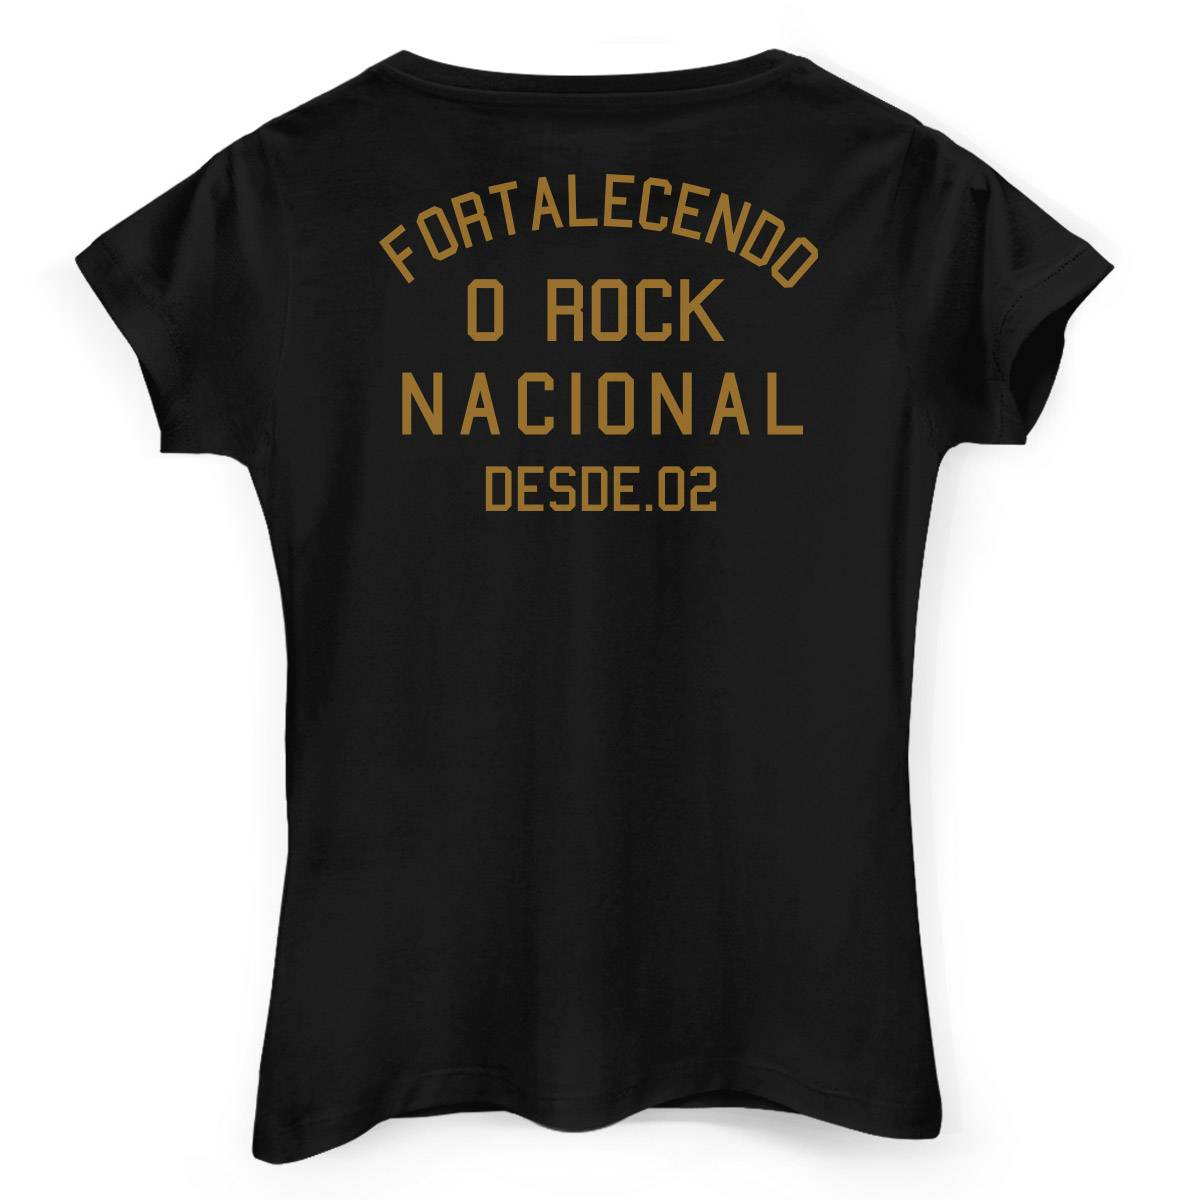 Camiseta Feminina João Rock Fortalecendo o Rock Nacional Desde 02